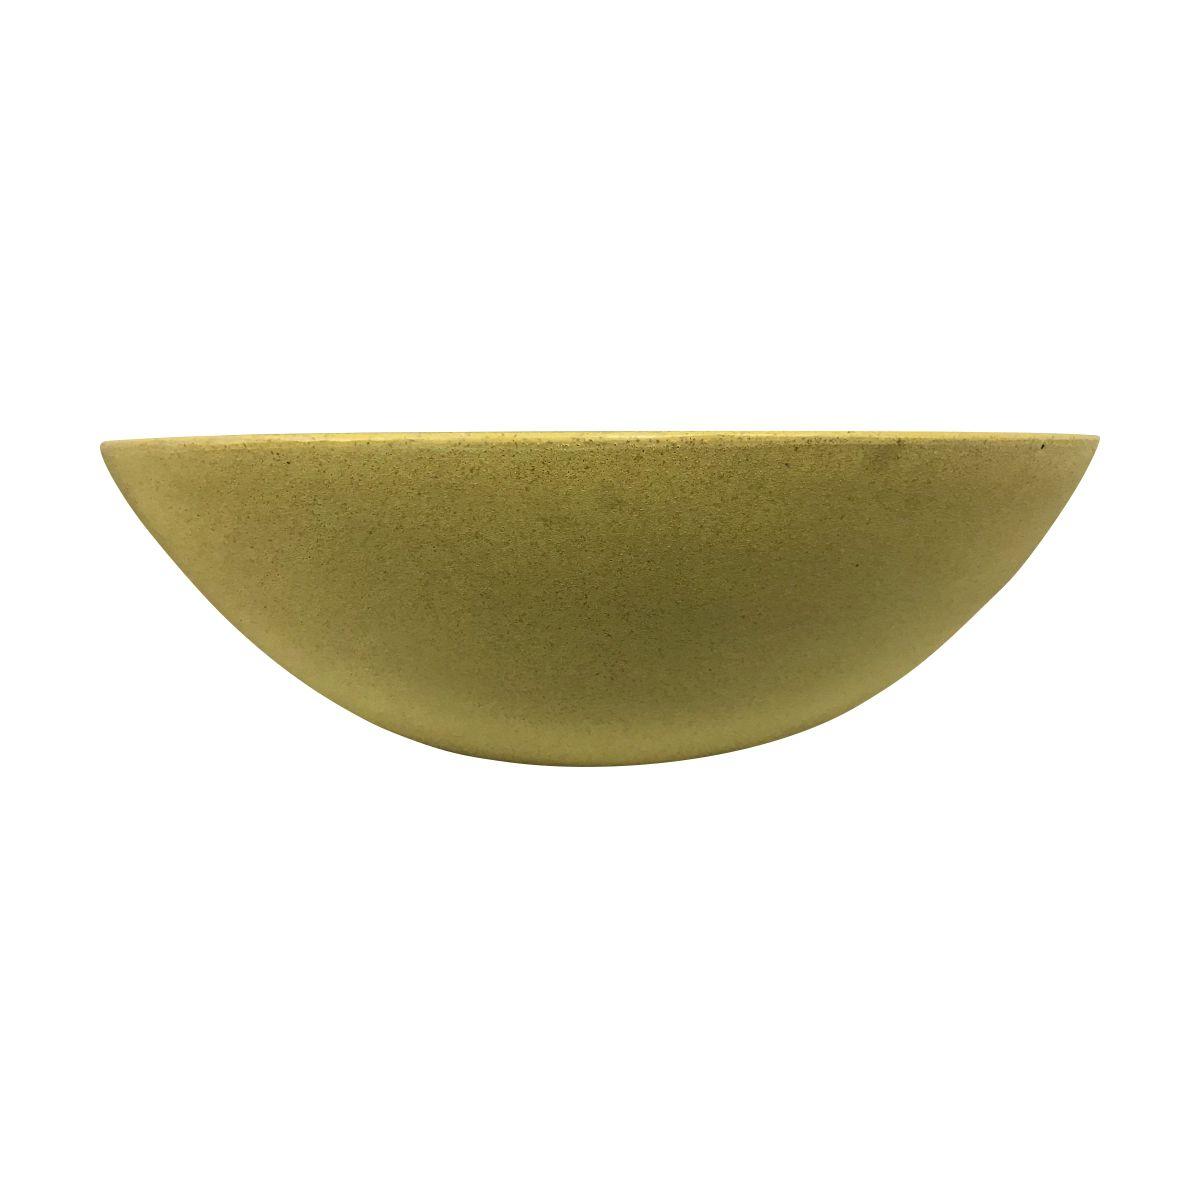 Vaso Bacia Médio cor Areia Escuro 17cm x 52cm - 6725